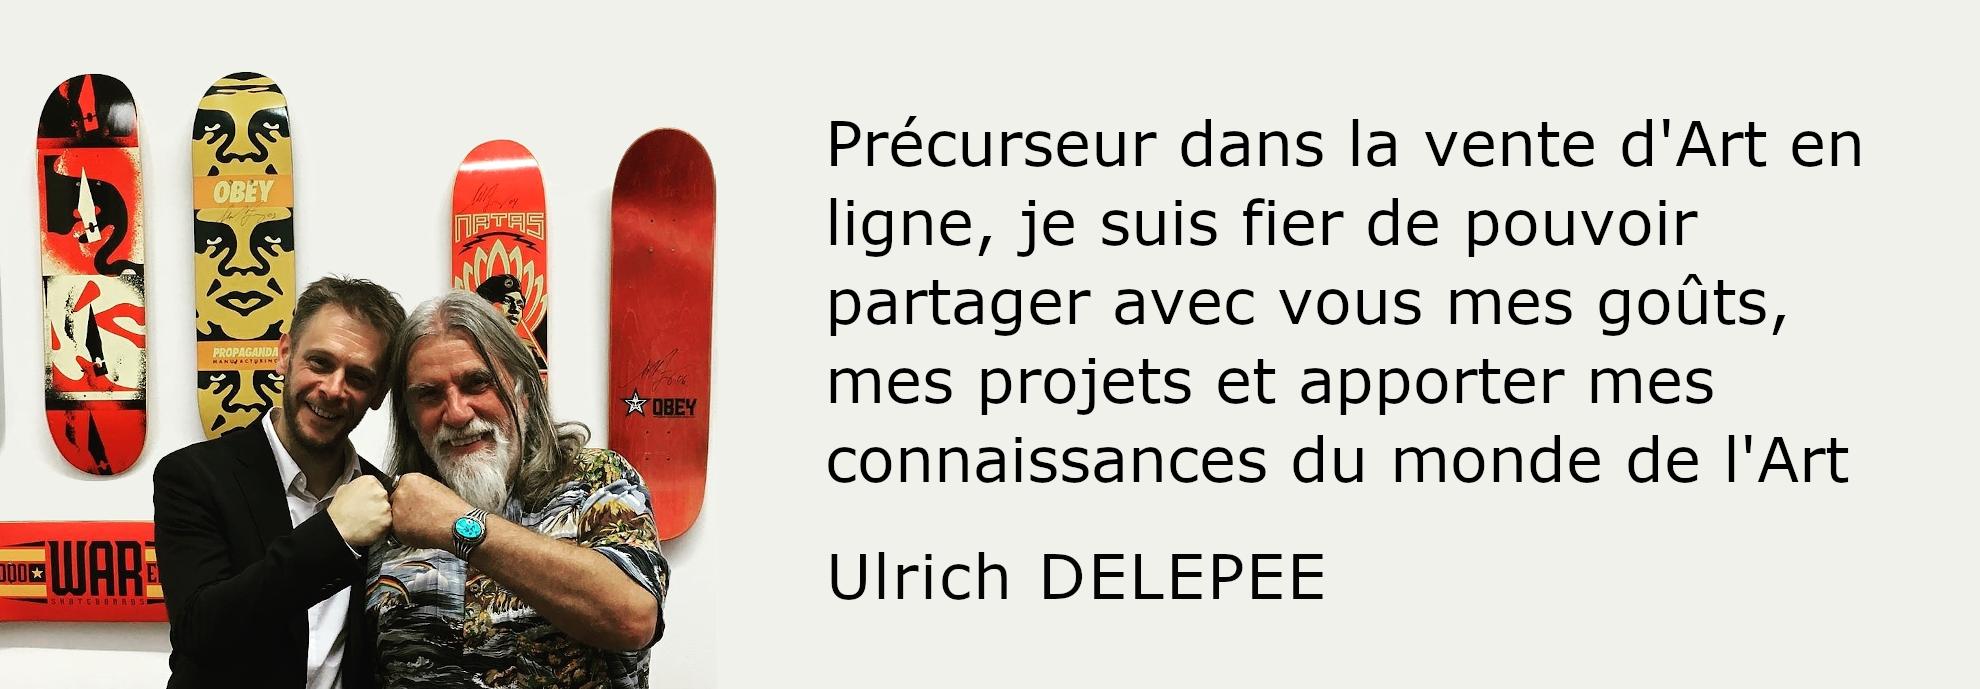 Précurseur dans le domaine de la vente d'ARt en ligne, Ulrich DELEPEE est expert en Art contemporain et Art Urbain